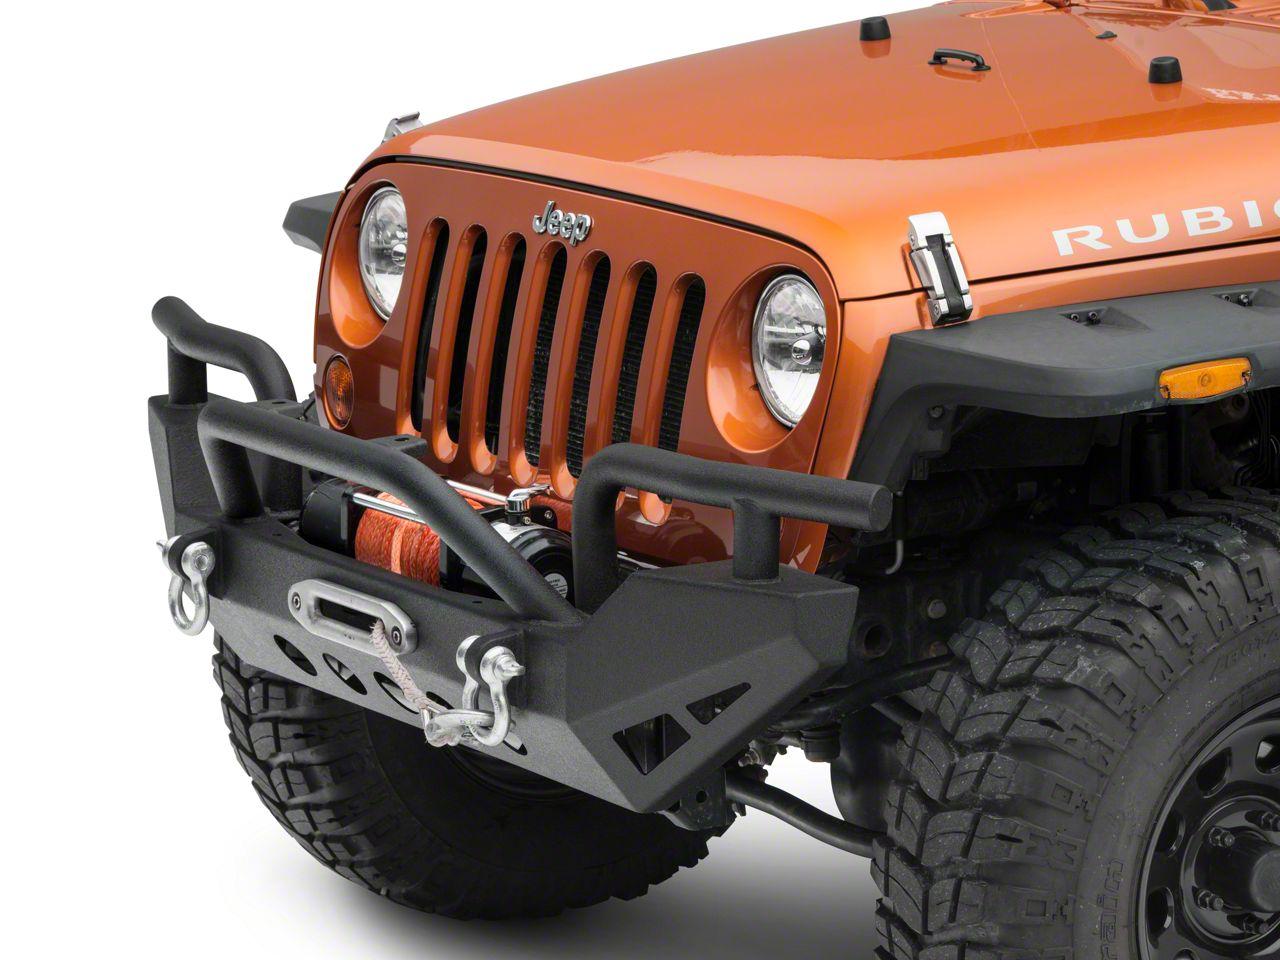 RedRock 4x4 Rock Crawler Full Width Front Bumper w/ Winch Mount (07-18 Jeep Wrangler JK)